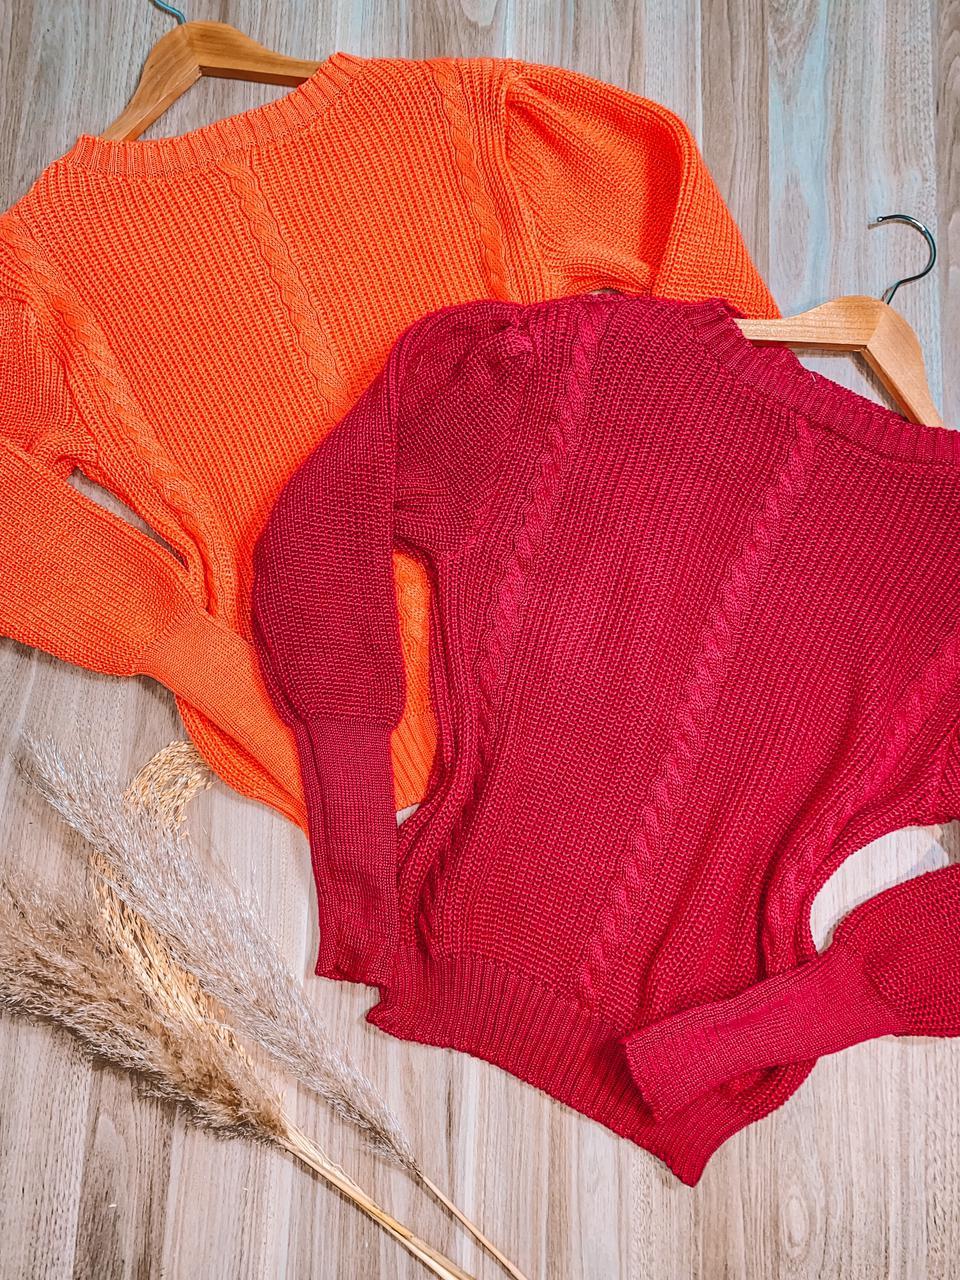 Blusa Tricot Trançado Elaine Fashion